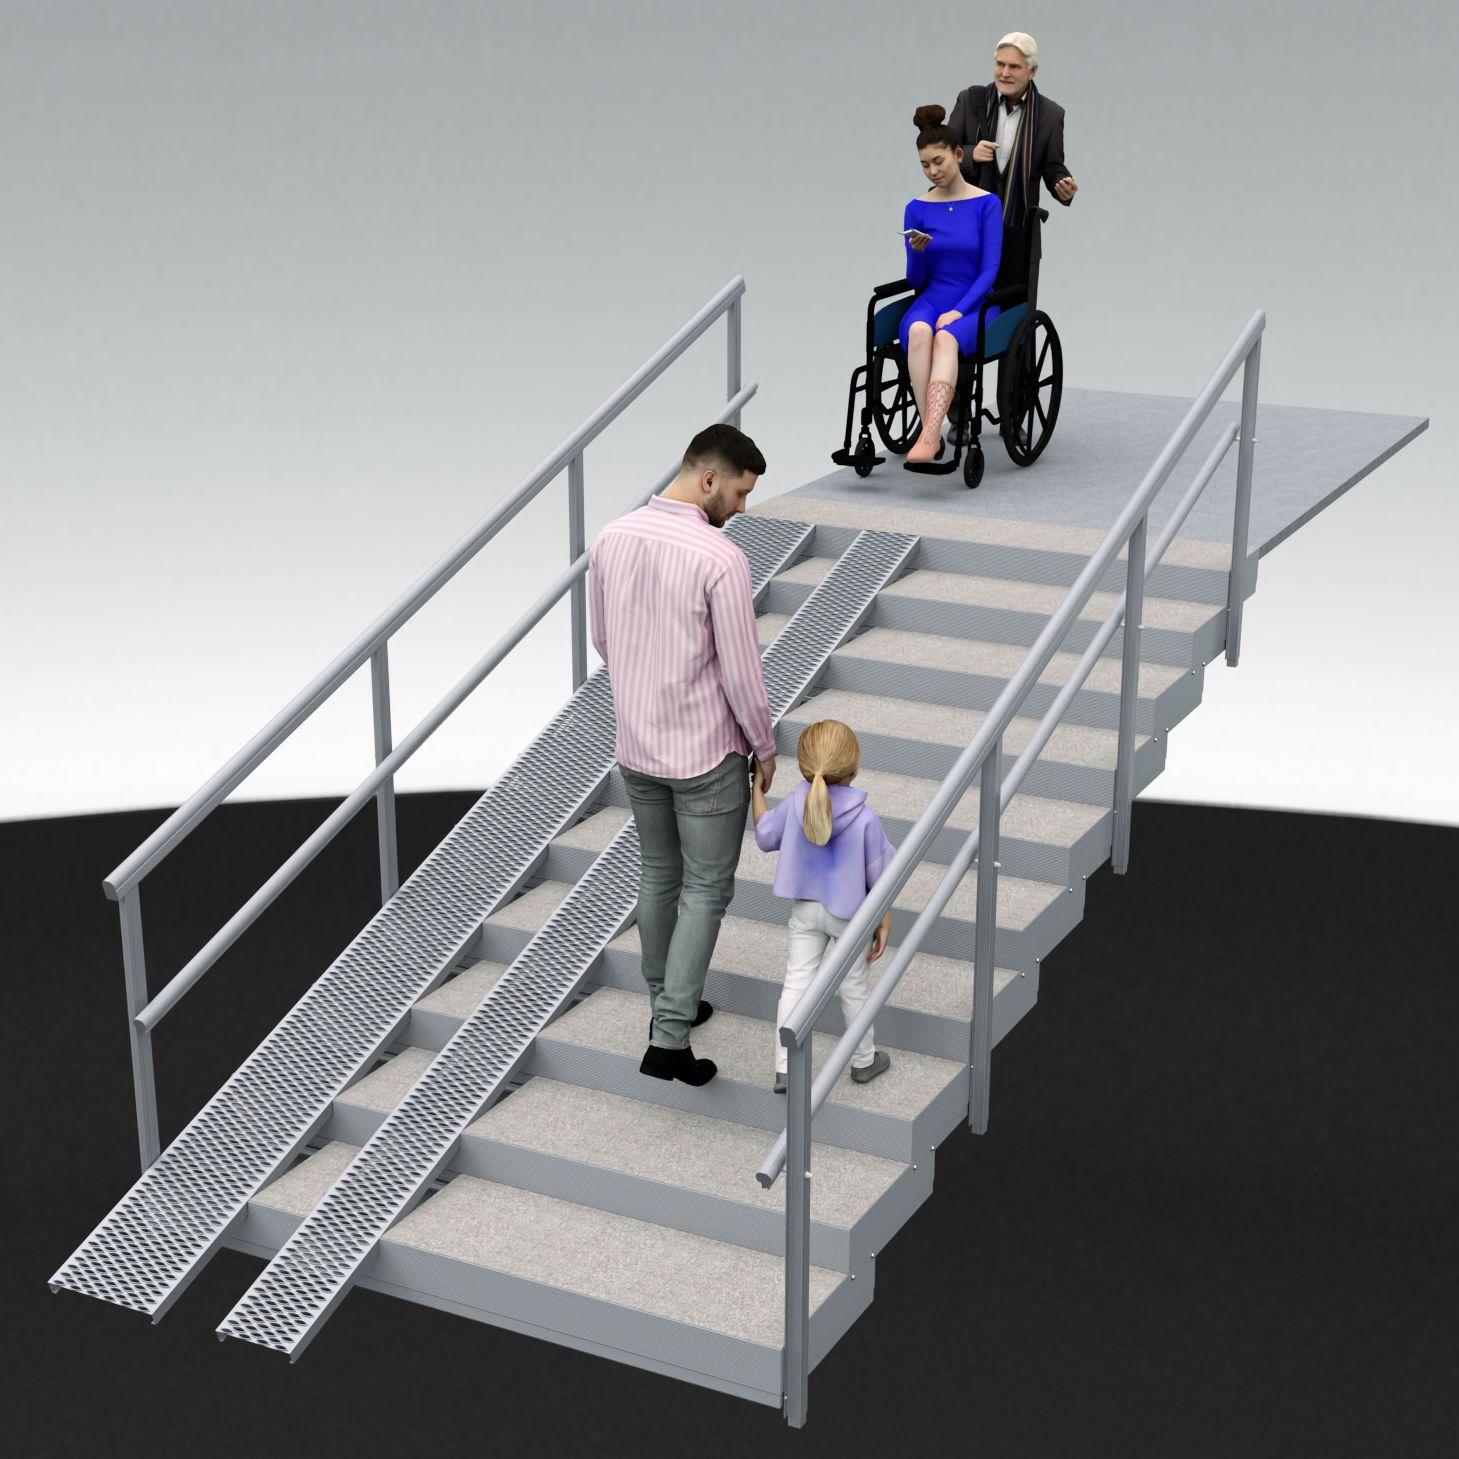 Alukehysportaat 10 askelmaa, alumiininen luiska/ramppi. 200 cm joka jakaantuu 120-80cm portaalle ja luiskalle. Yleiskuva.